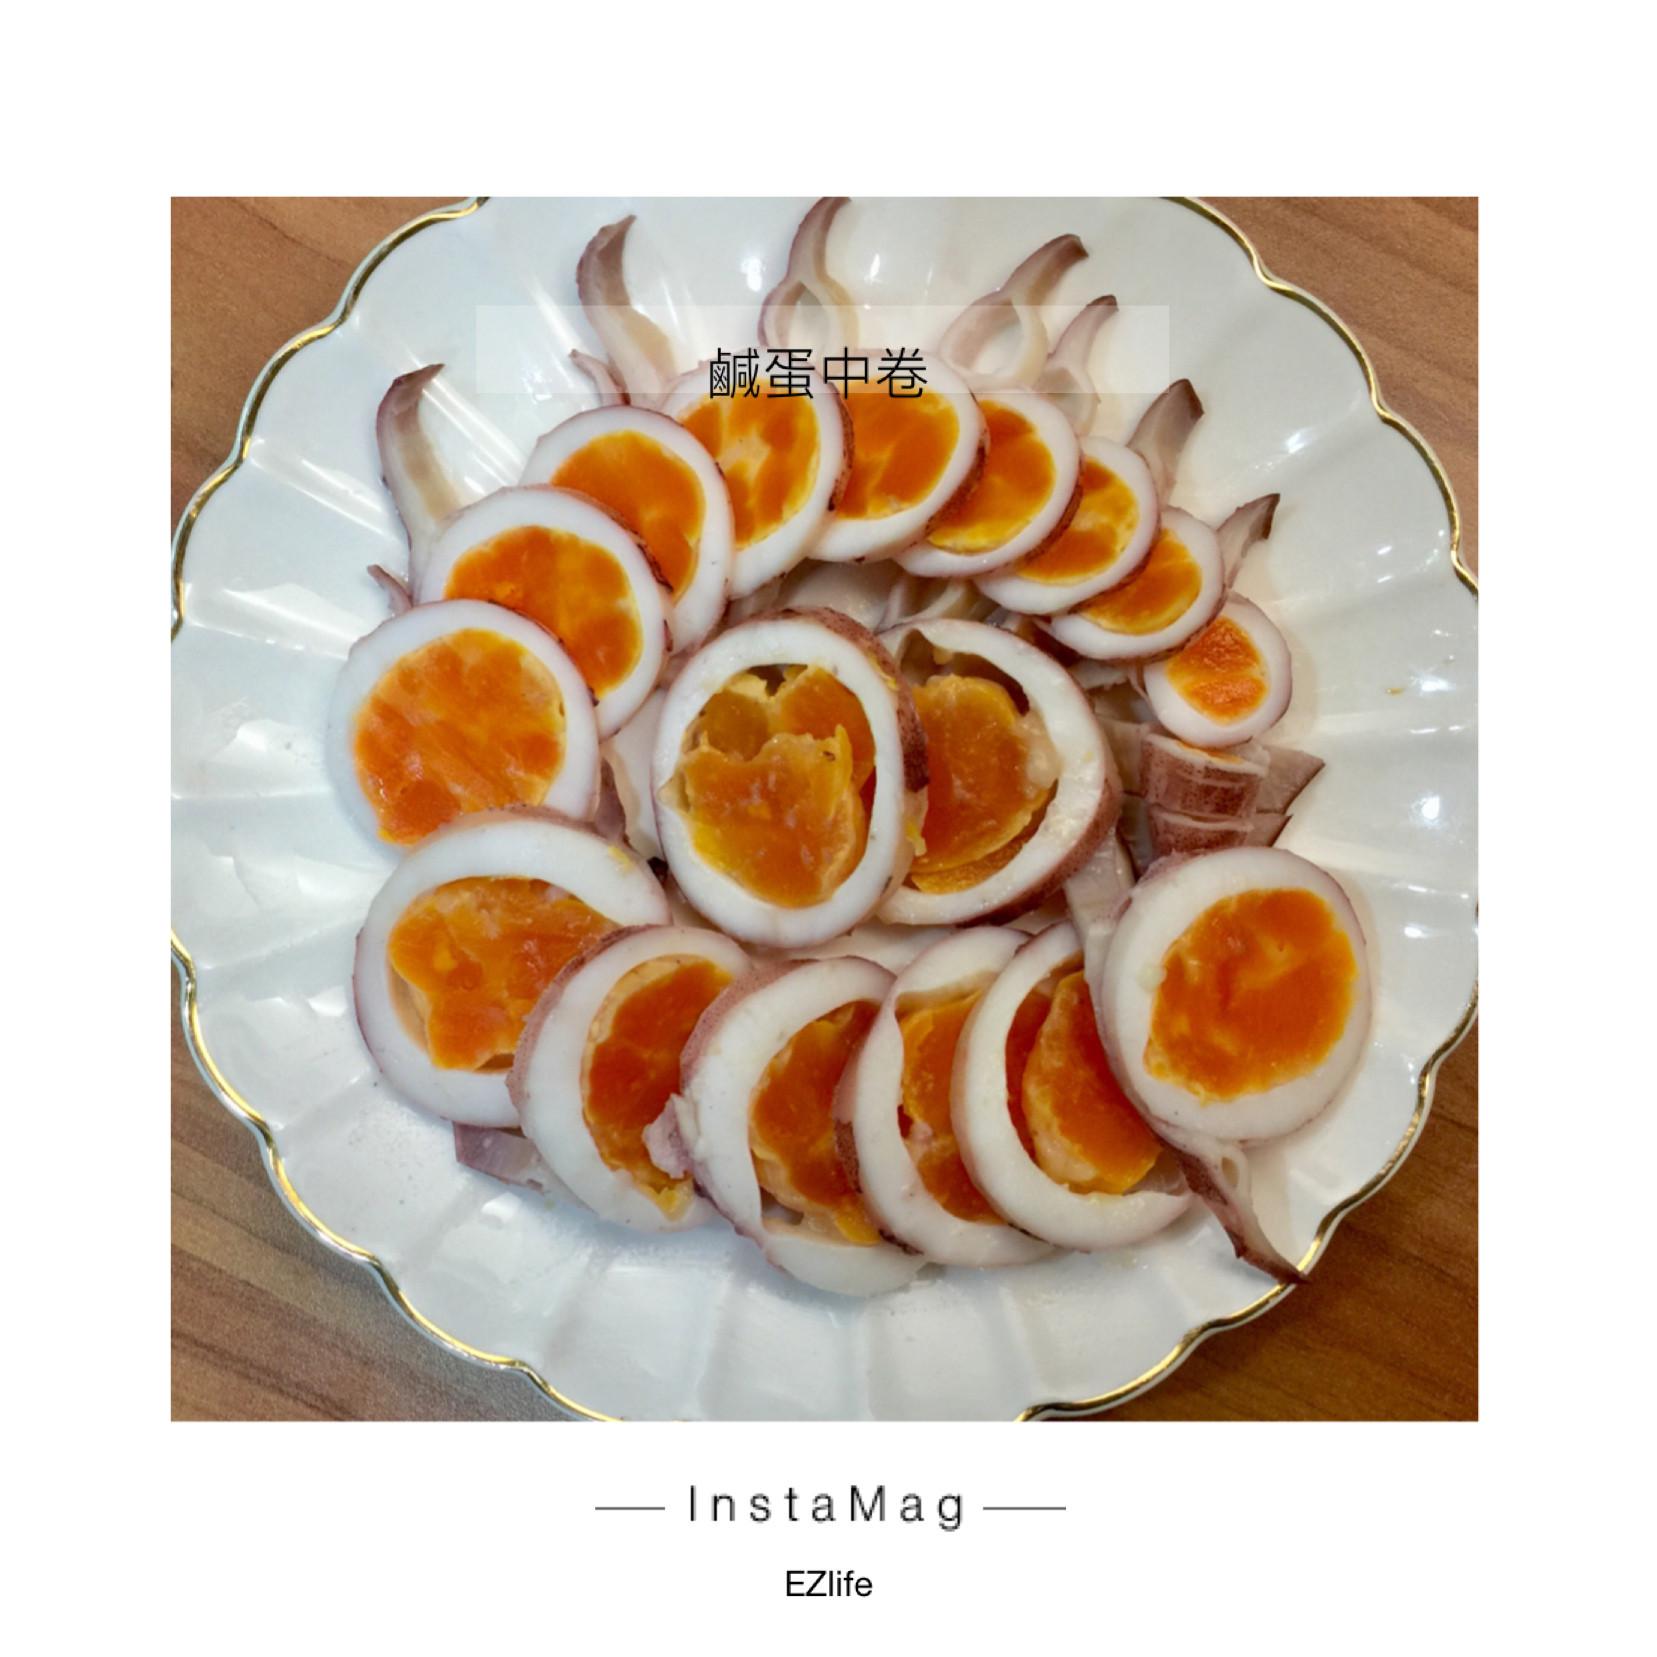 美麗大方的宴客菜~鹹蛋中卷